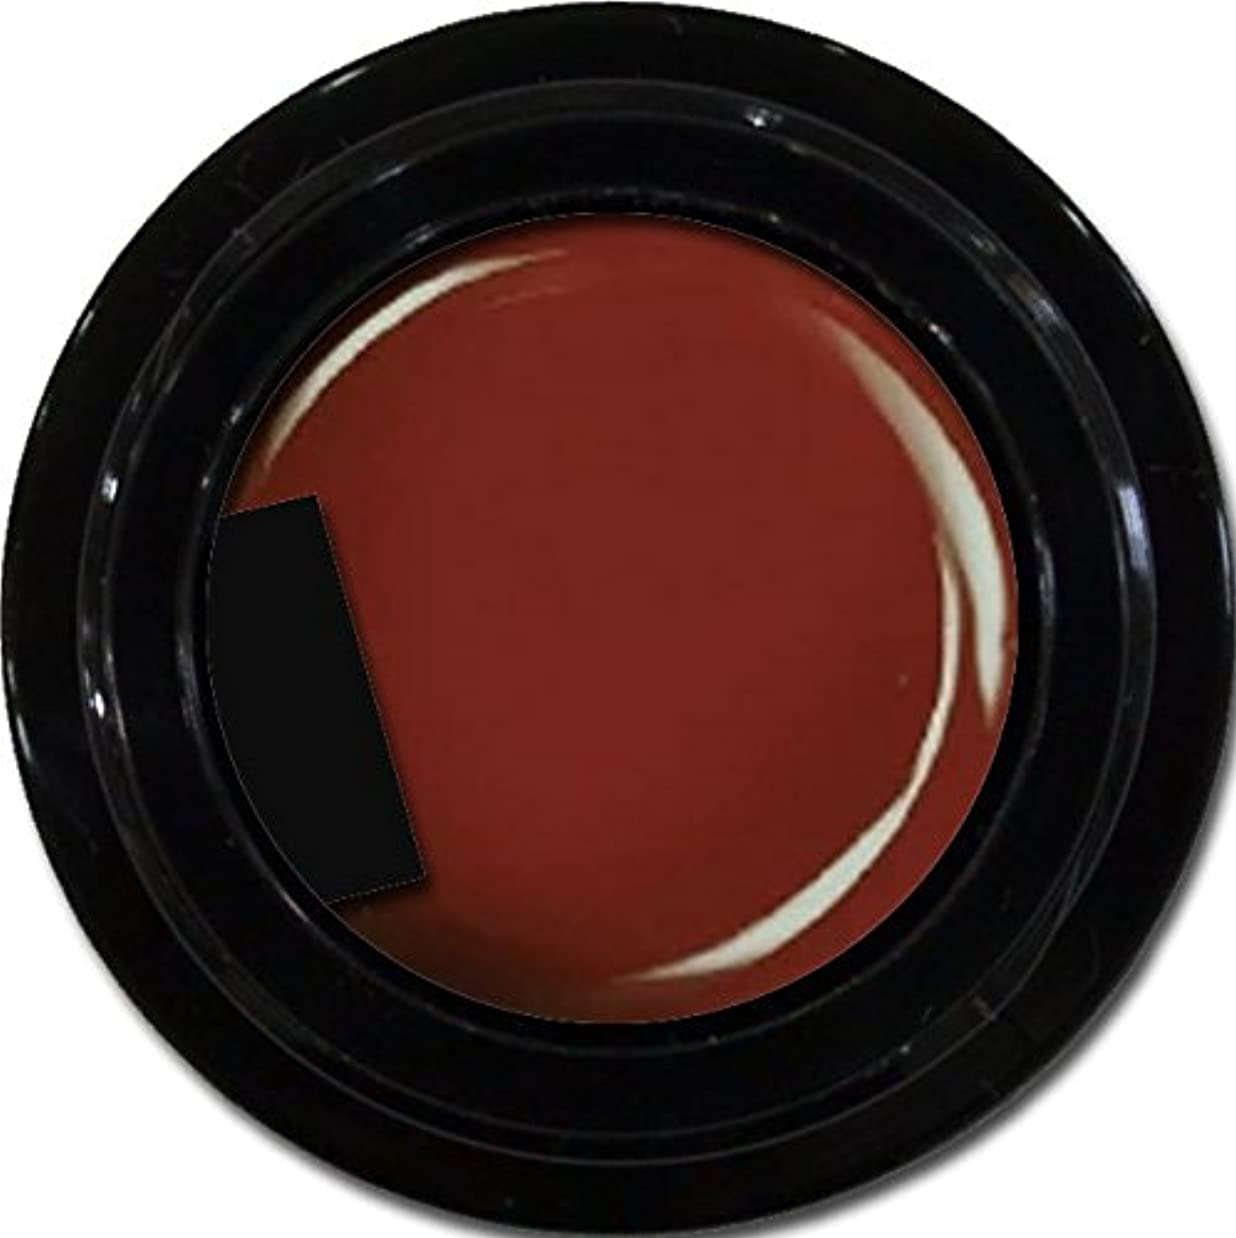 カラージェル enchant color gel M407 Bordeaux 3g/ マットカラージェル M407ボルドー 3グラム